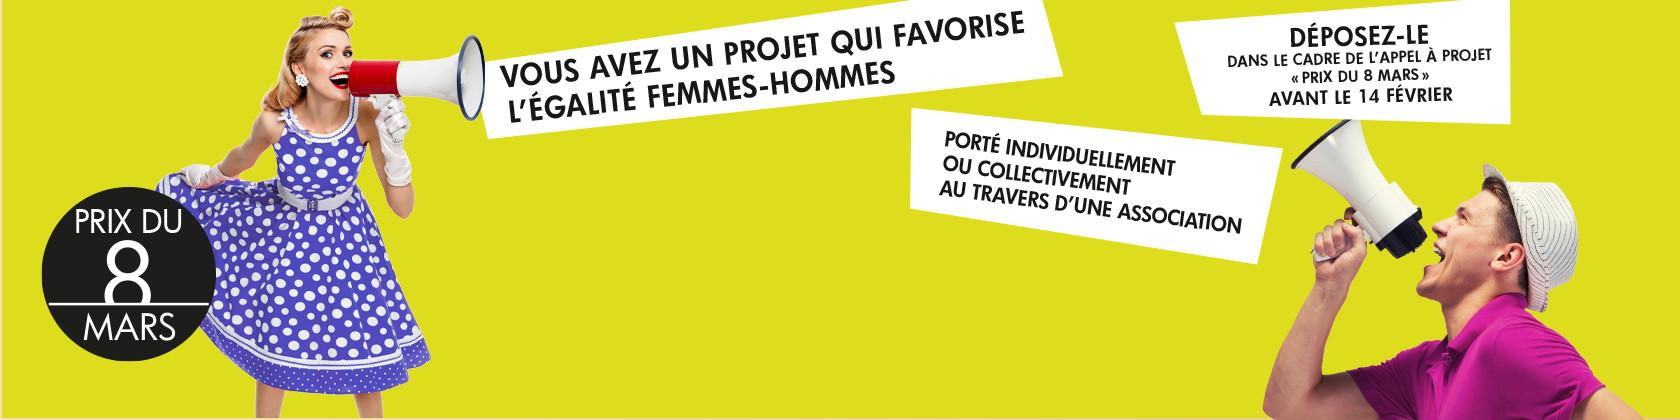 Journée internationale des femmes : les Départements se mobilisent contre les stéréotypes